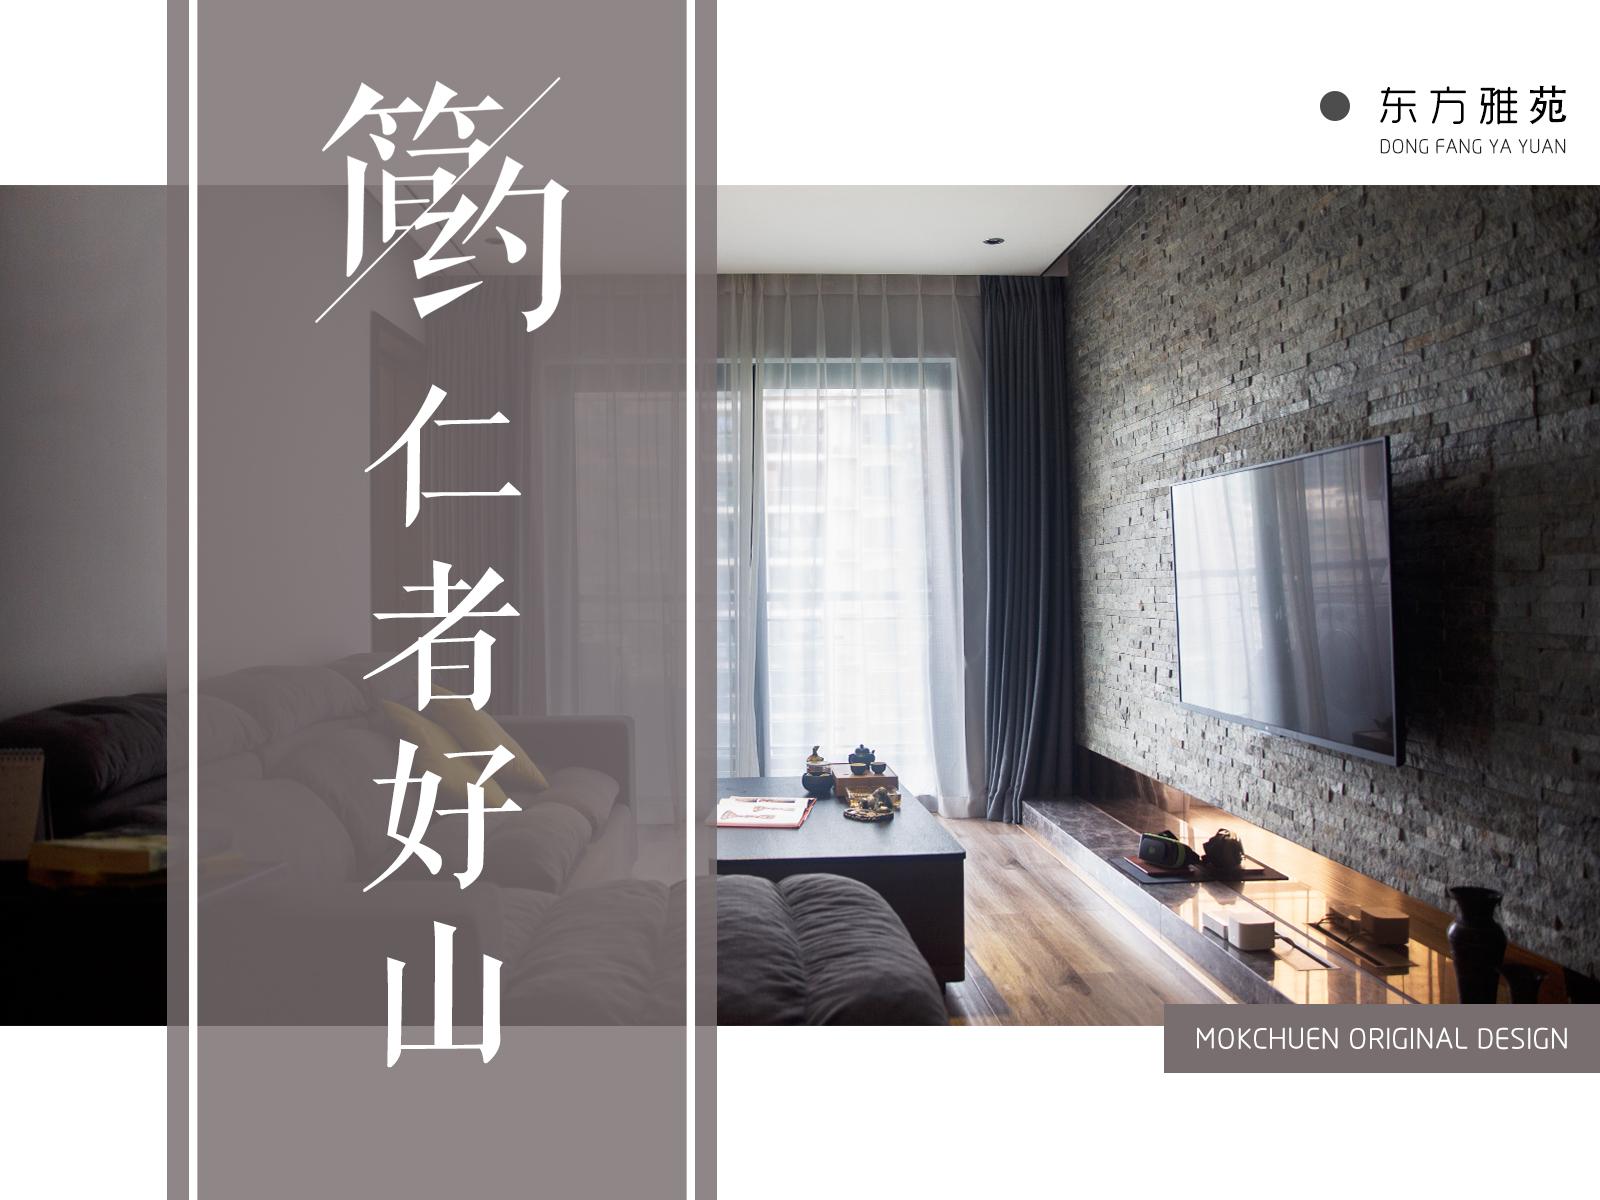 二居 小资 现代风格 简约 客厅 80后图片来自莫川建筑空间设计在东方雅苑紫金阁的分享